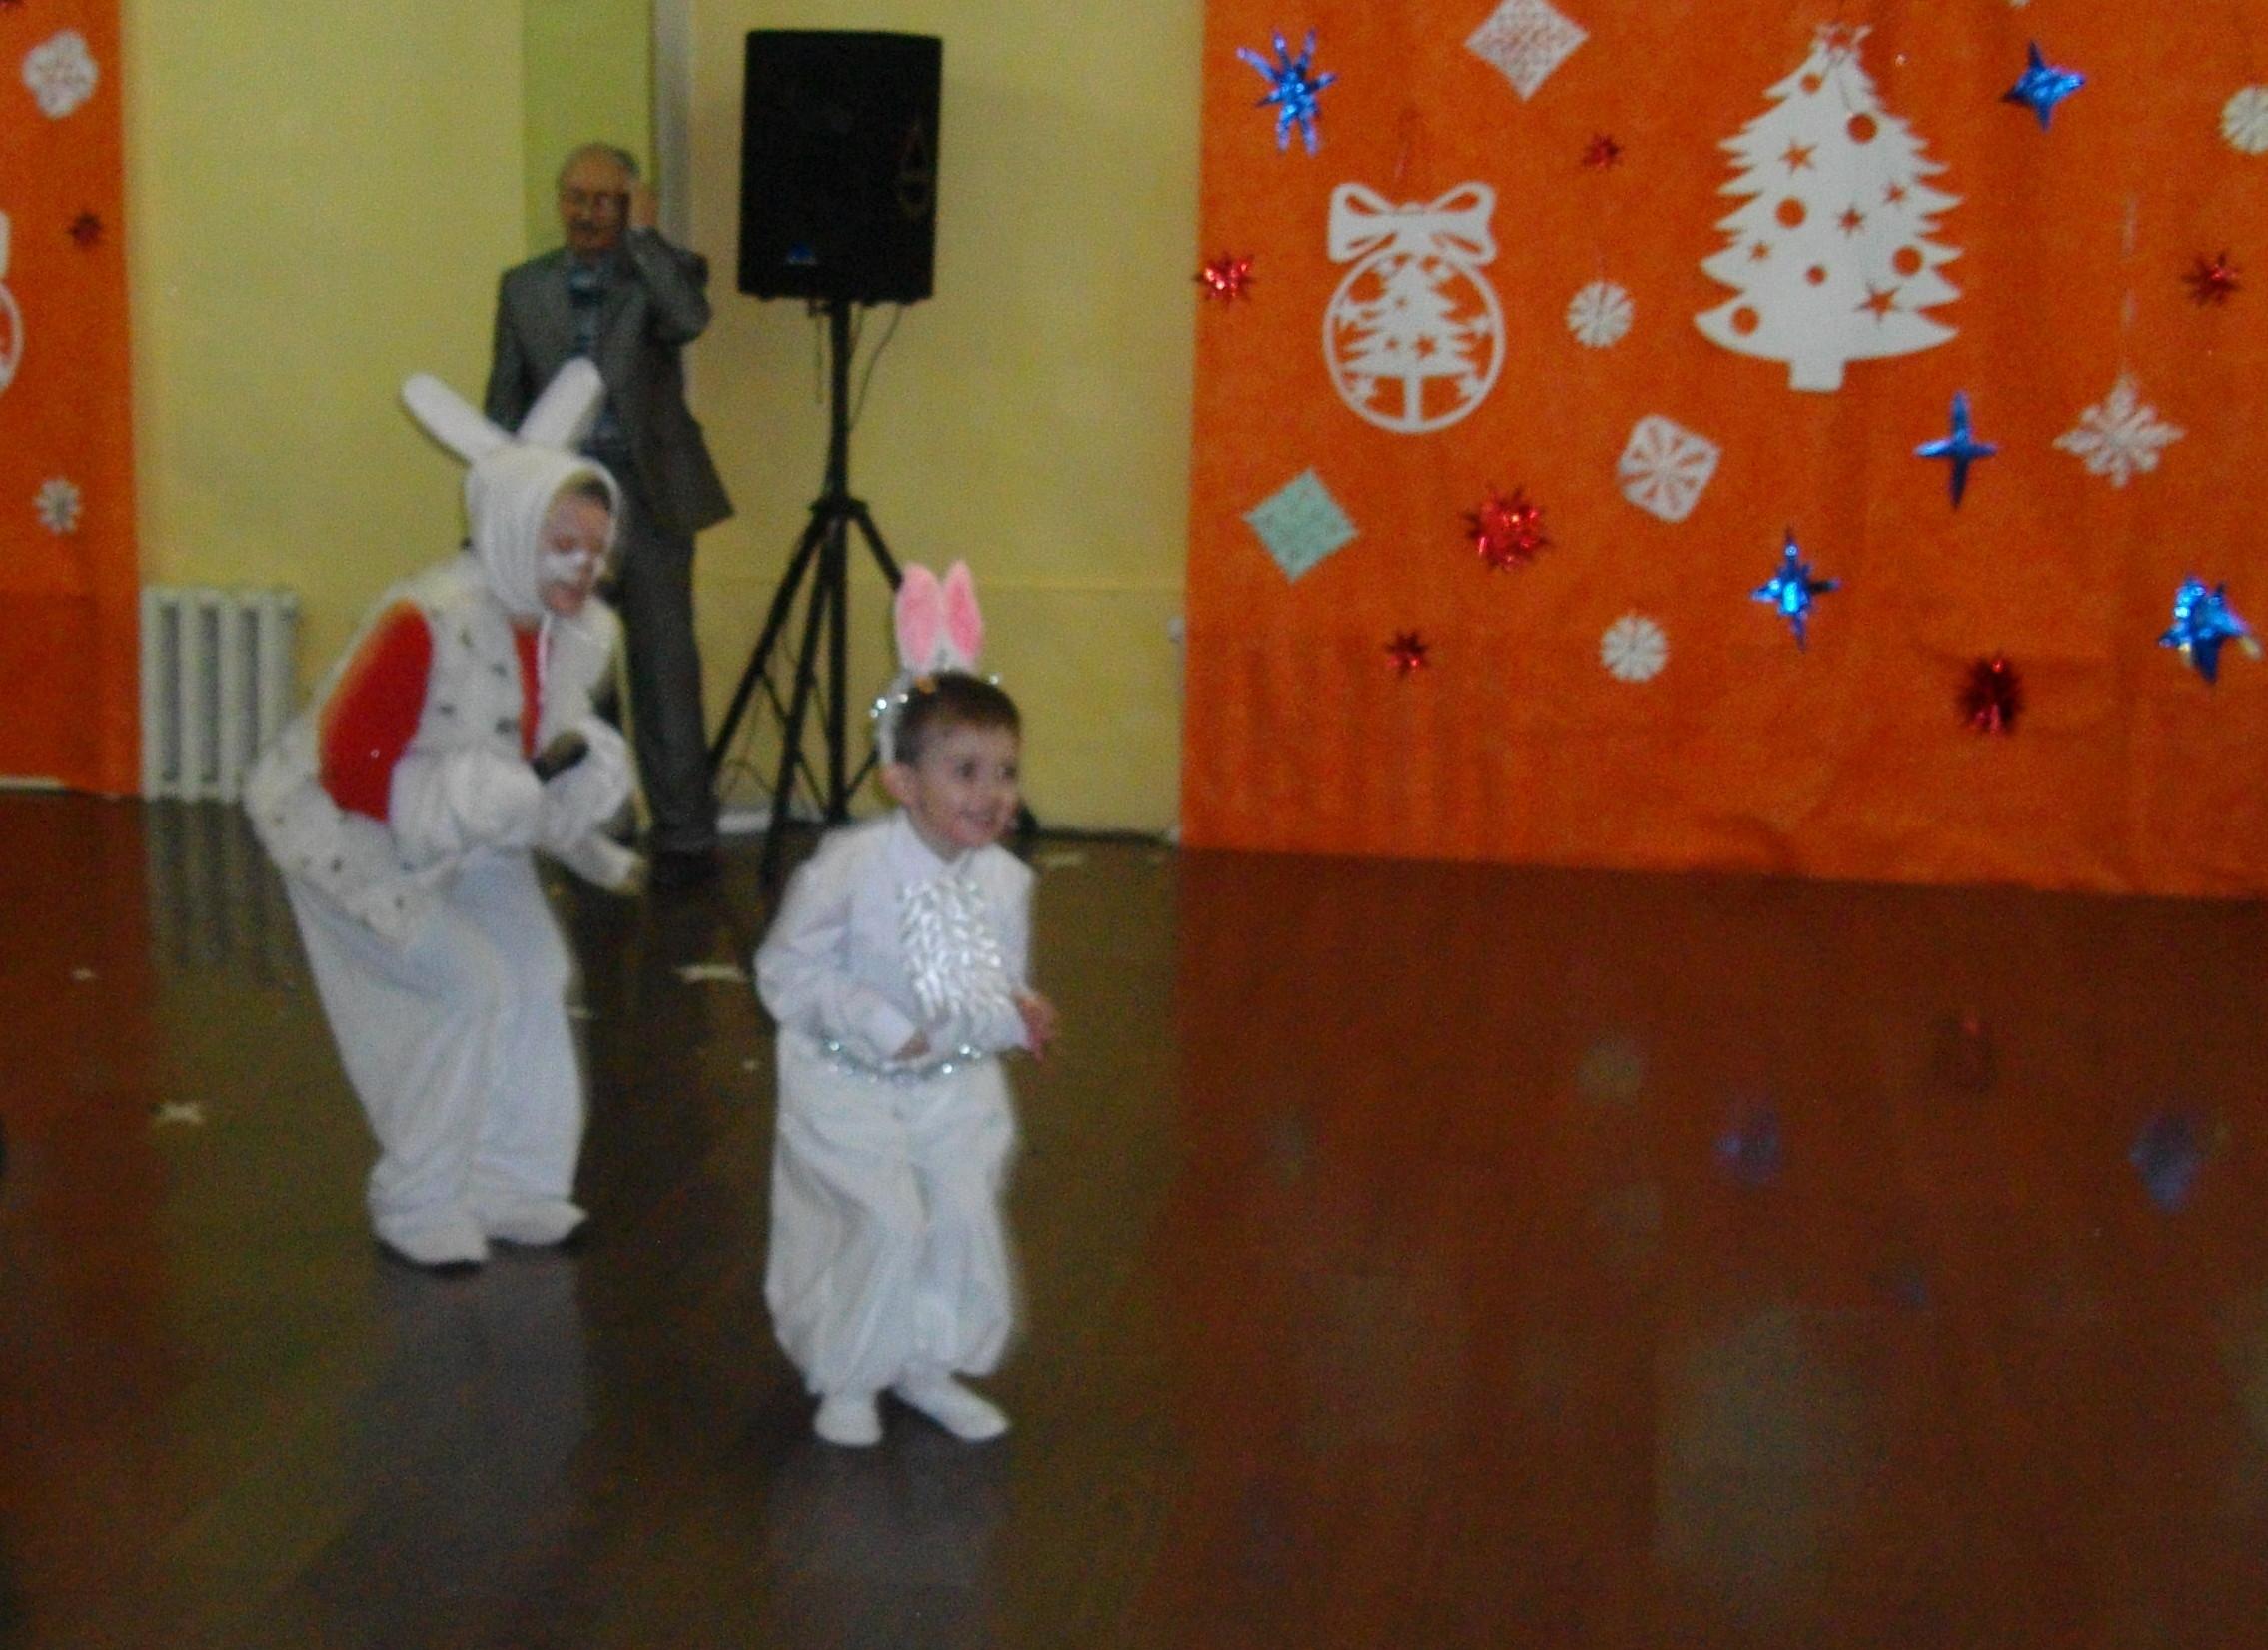 Раз, два, три, четыре, пять! Вышли зайцы погулять!. Новогодний карнавал